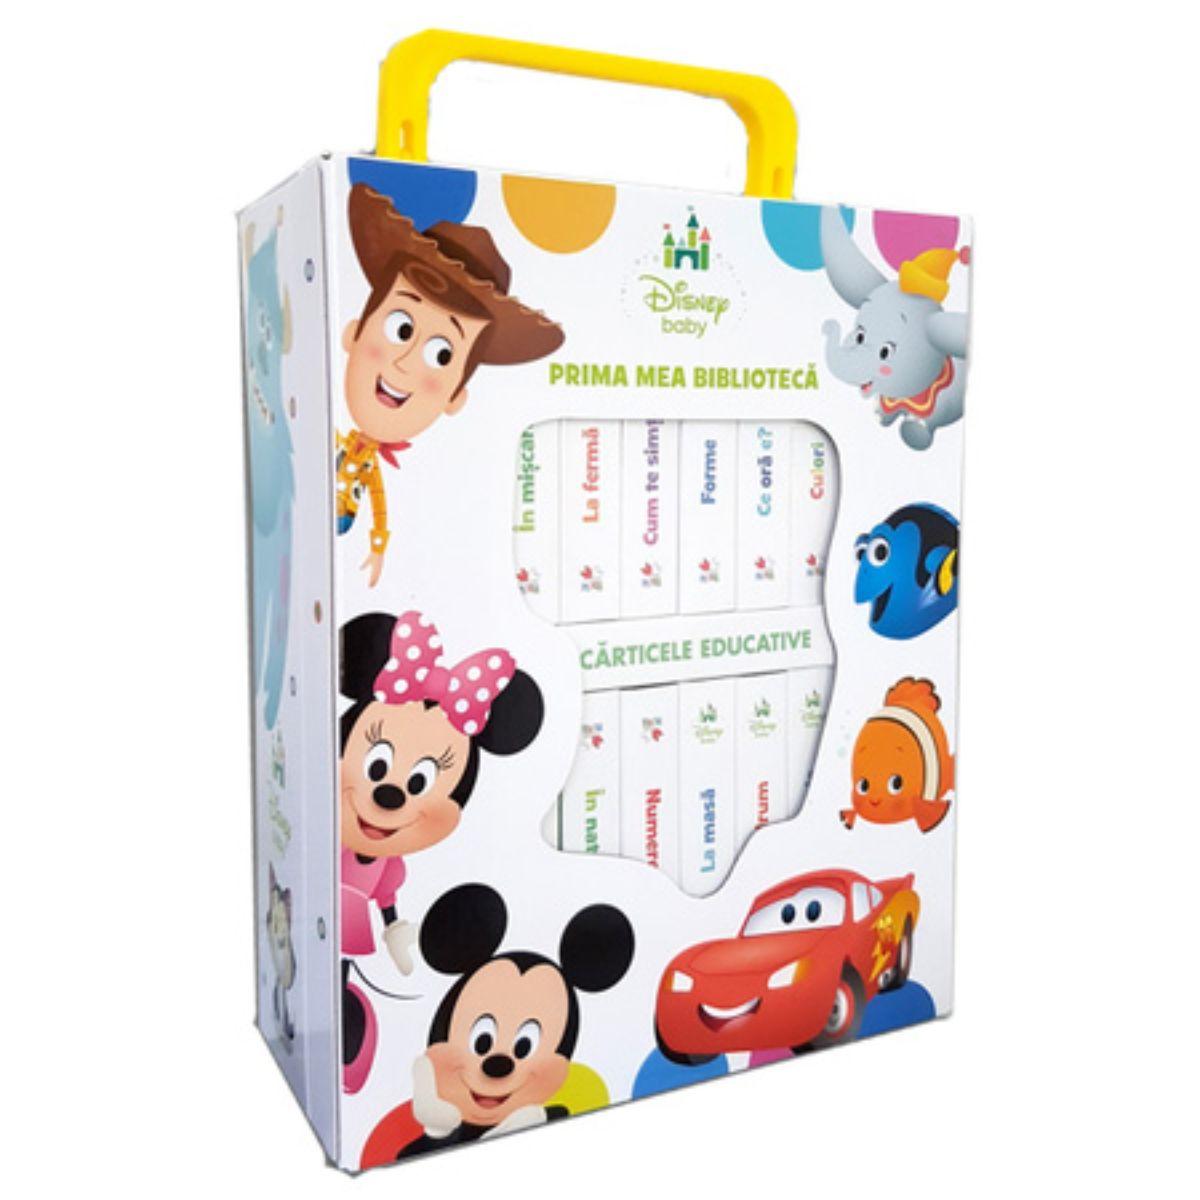 Disney Baby - Prima mea biblioteca (12 carticele) reeditare